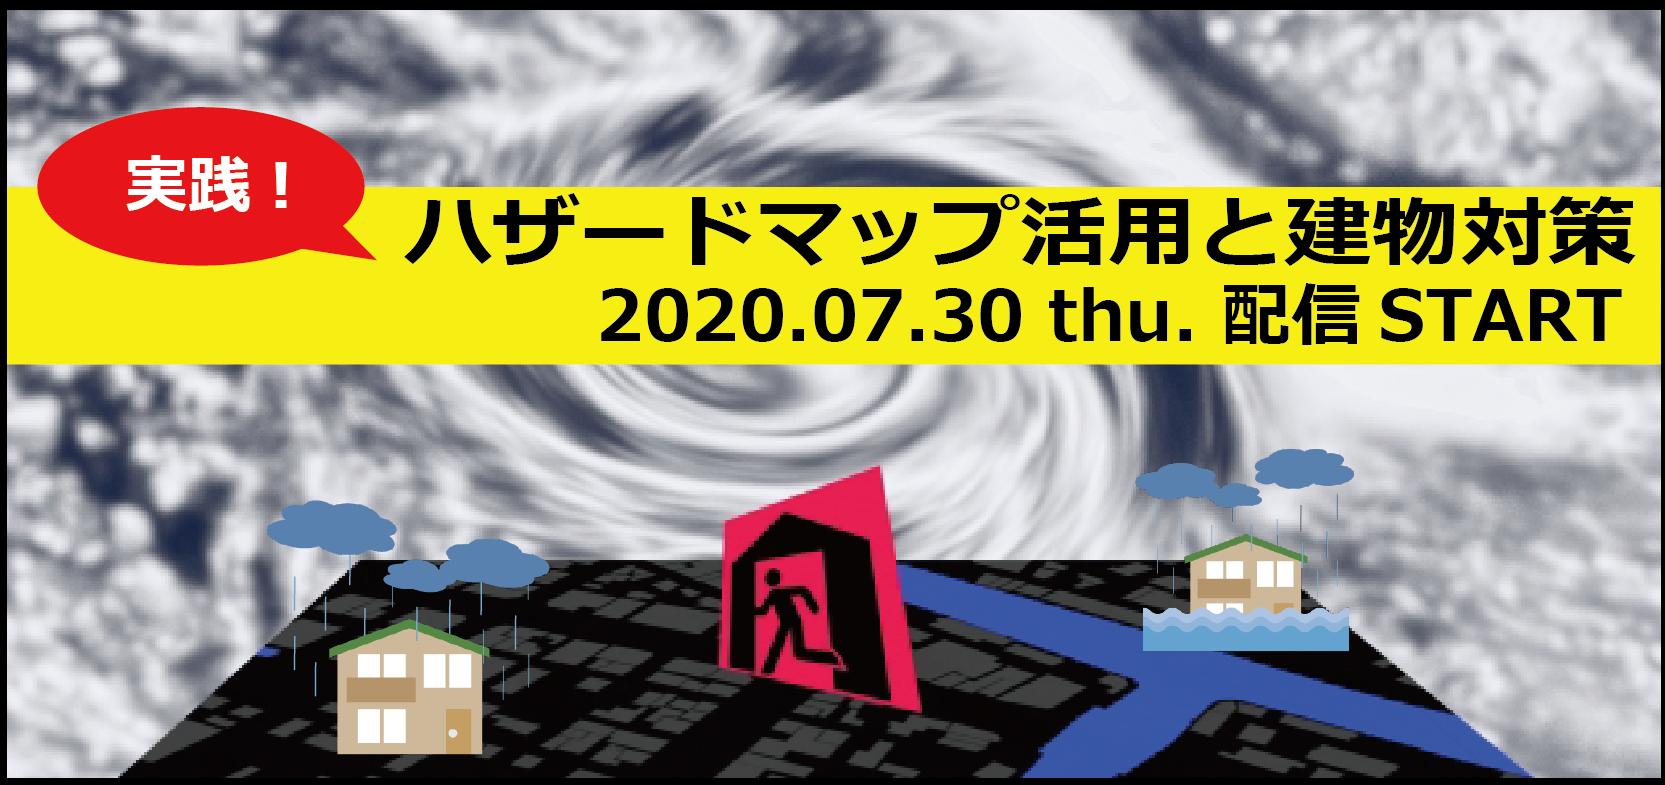 7/30(木)21:00~22:00実践!ハザードマップ活用と建物対策【オンラインセミナー】